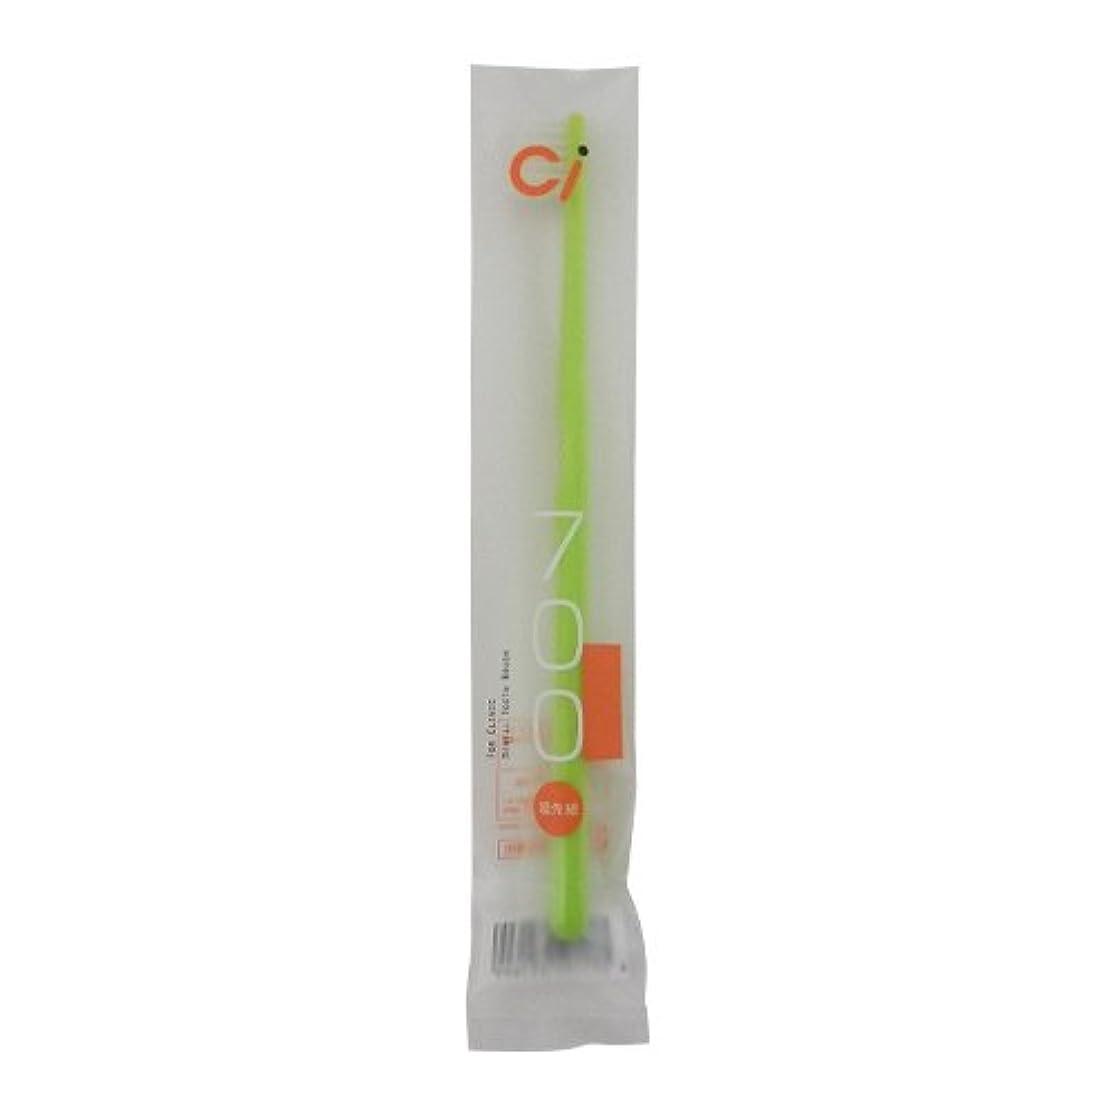 弱めるリーガン活性化するCiメディカル Ci700 超先細 ラウンド毛 歯ブラシ 1本 (Mふつう)(ライトグリーン)